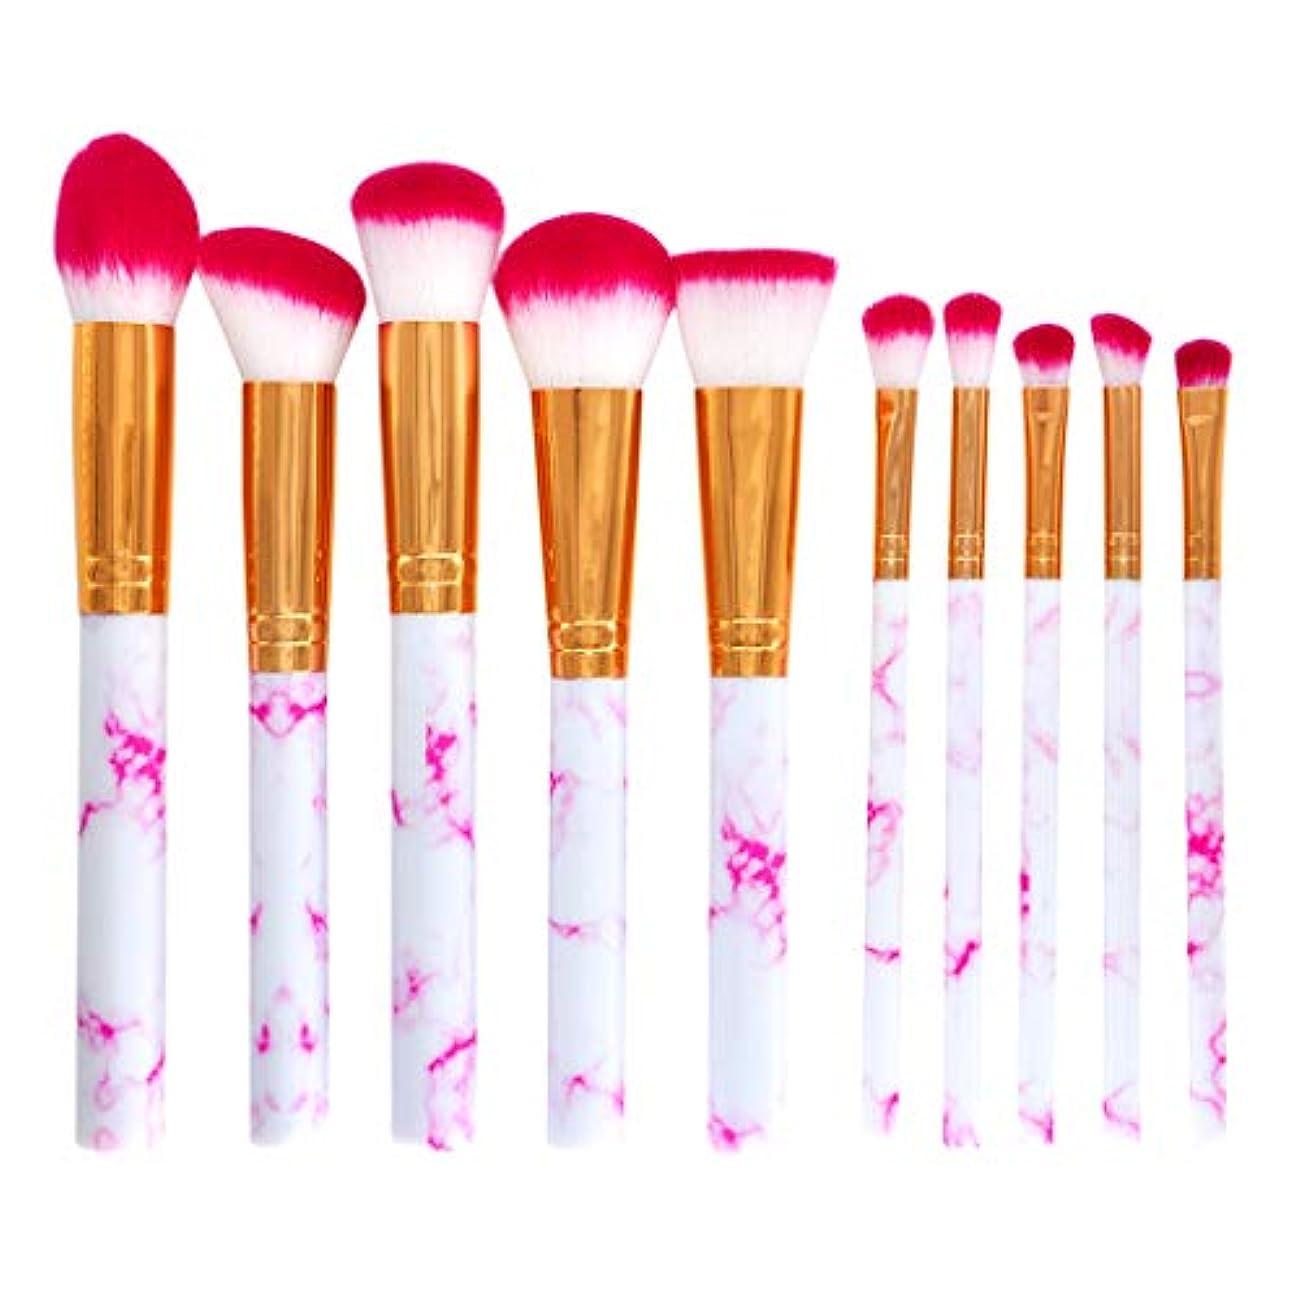 空洞活性化する古風な10本 メイクブラシ ファンデーション クリーム メイクツール 大理石 化粧ブラシ 3色選べ - ローズレッド